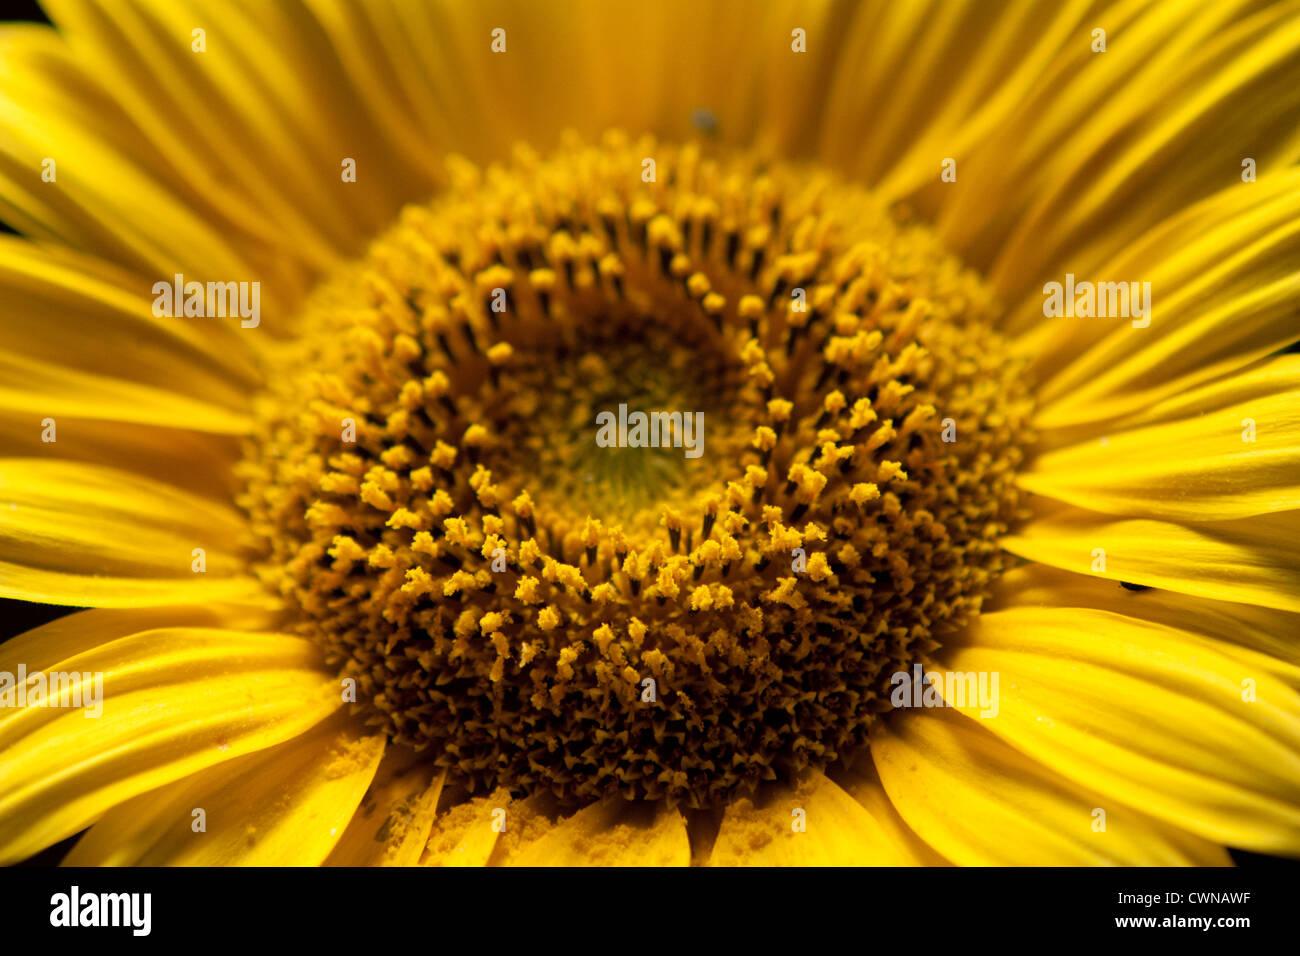 Sonnenblume, Sunflower - Stock Image